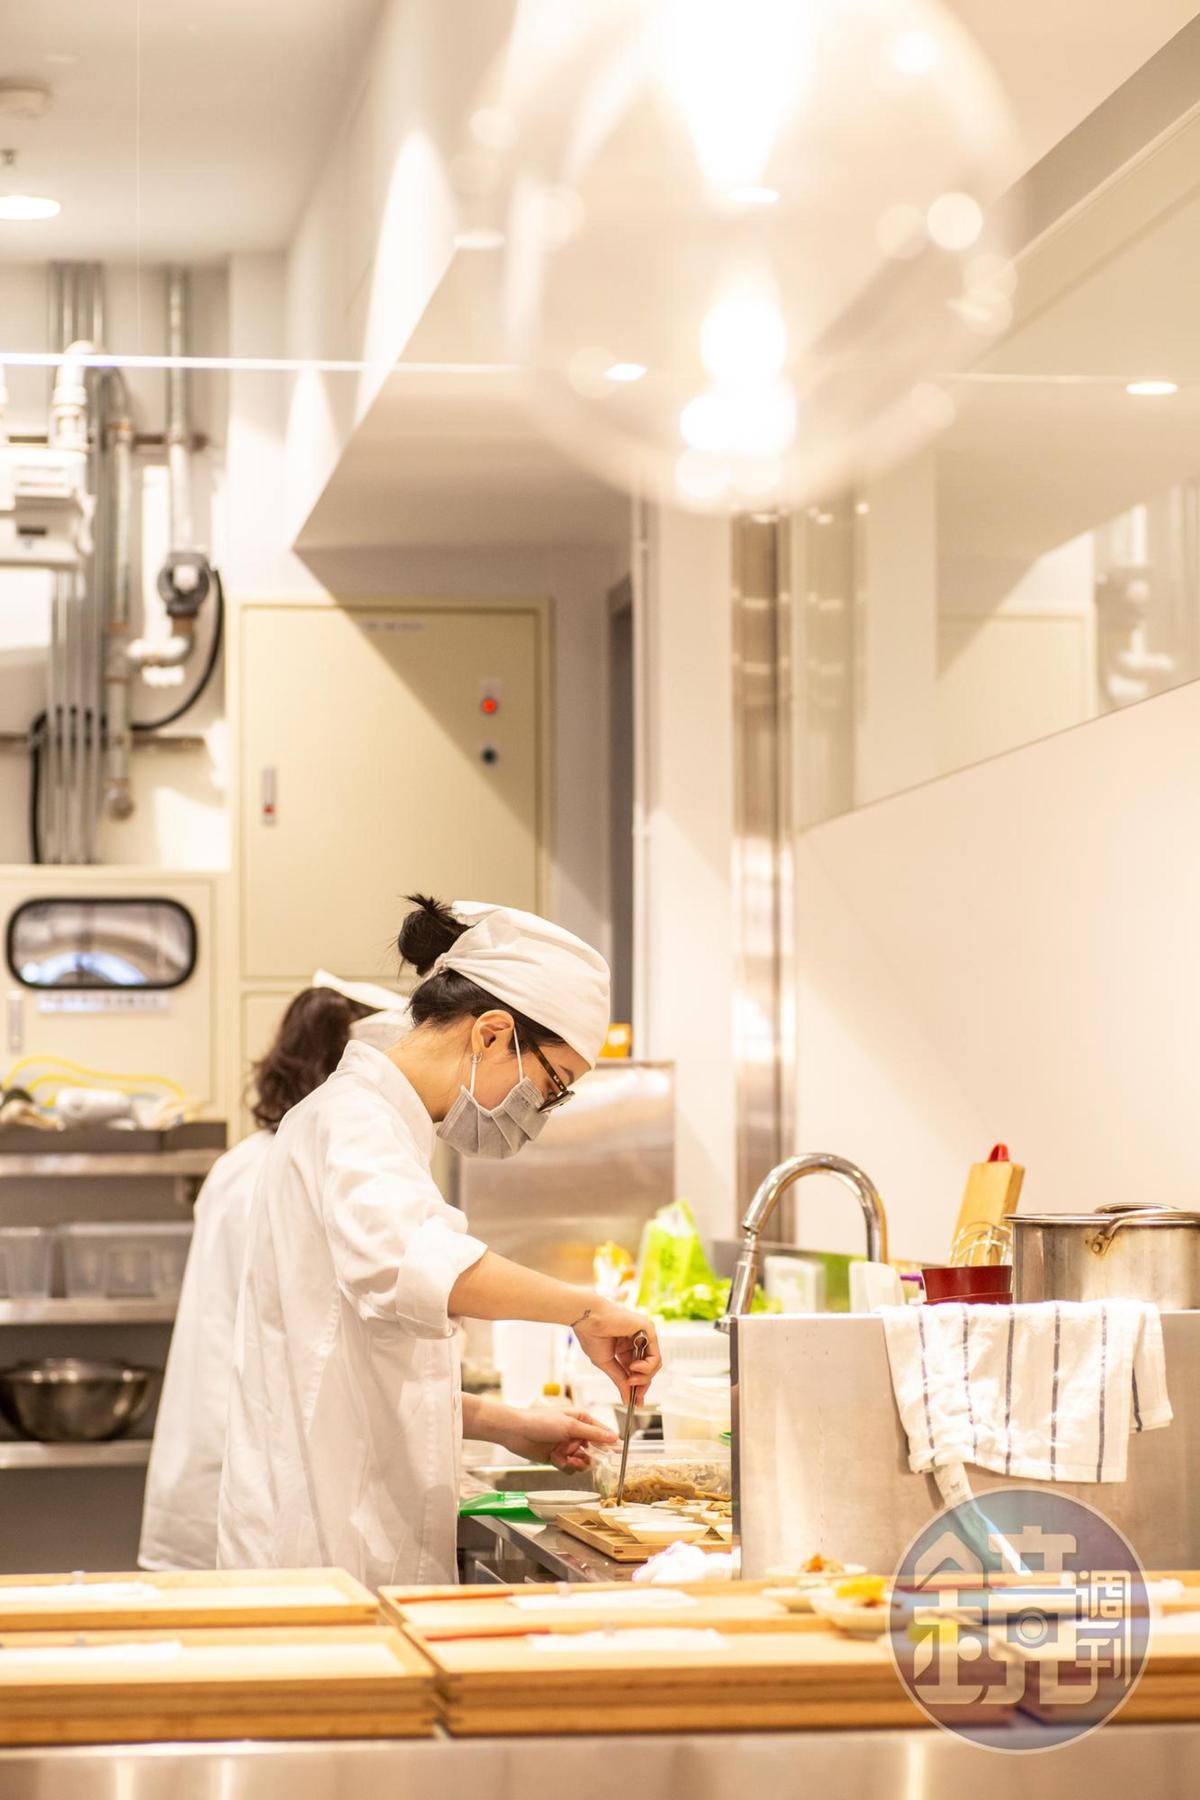 小器食堂採開放式廚房,料理過程看得見。